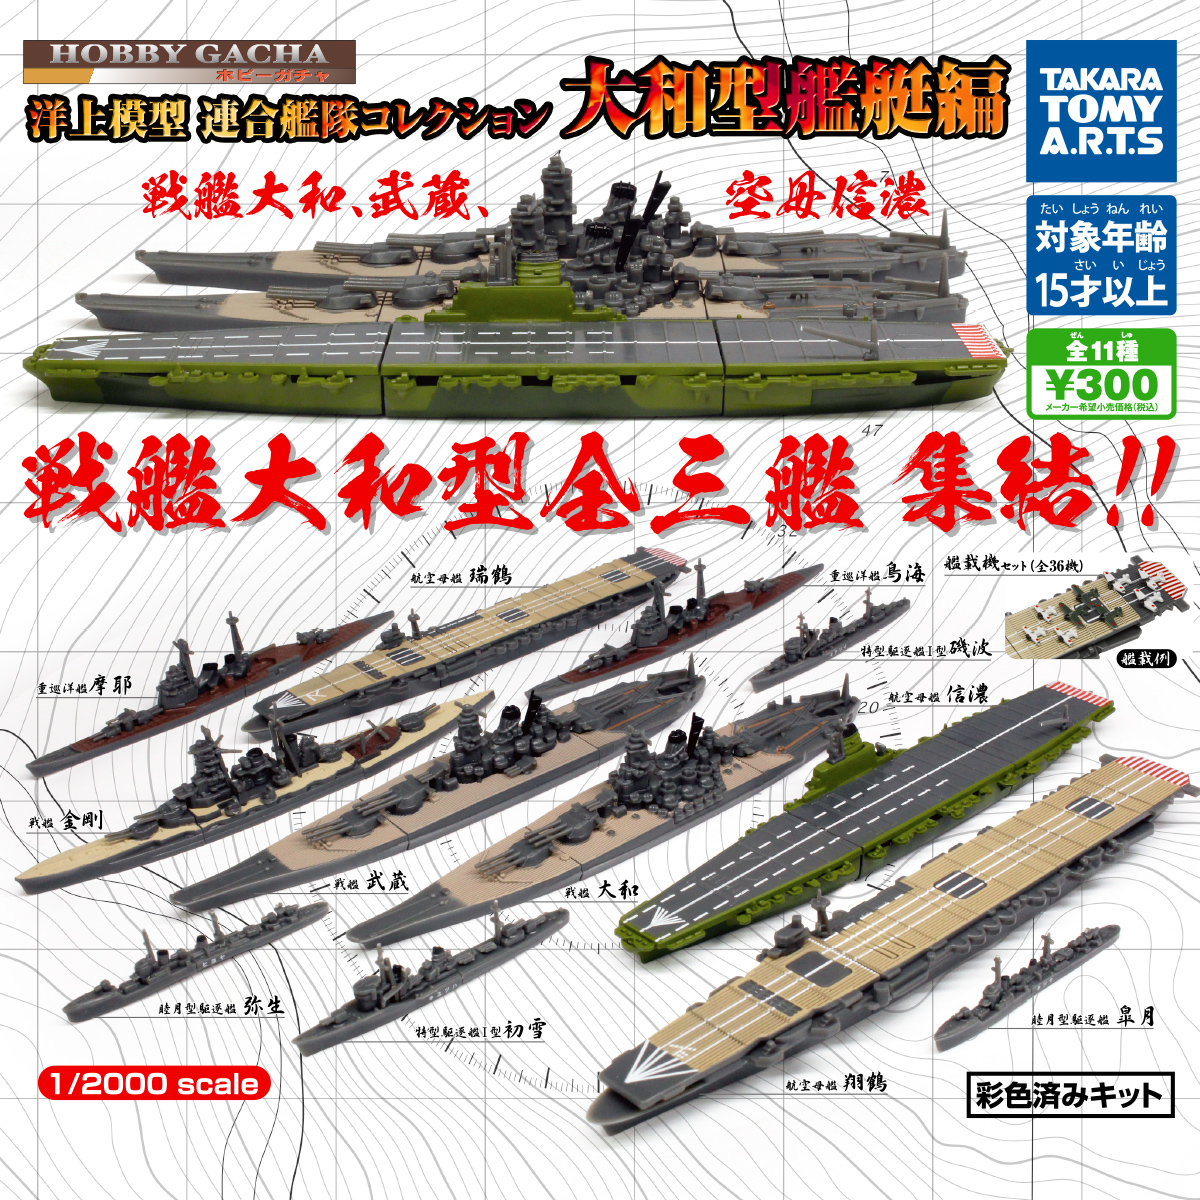 ホビーガチャ 洋上模型<BR>連合艦隊コレクション 大和型艦艇編